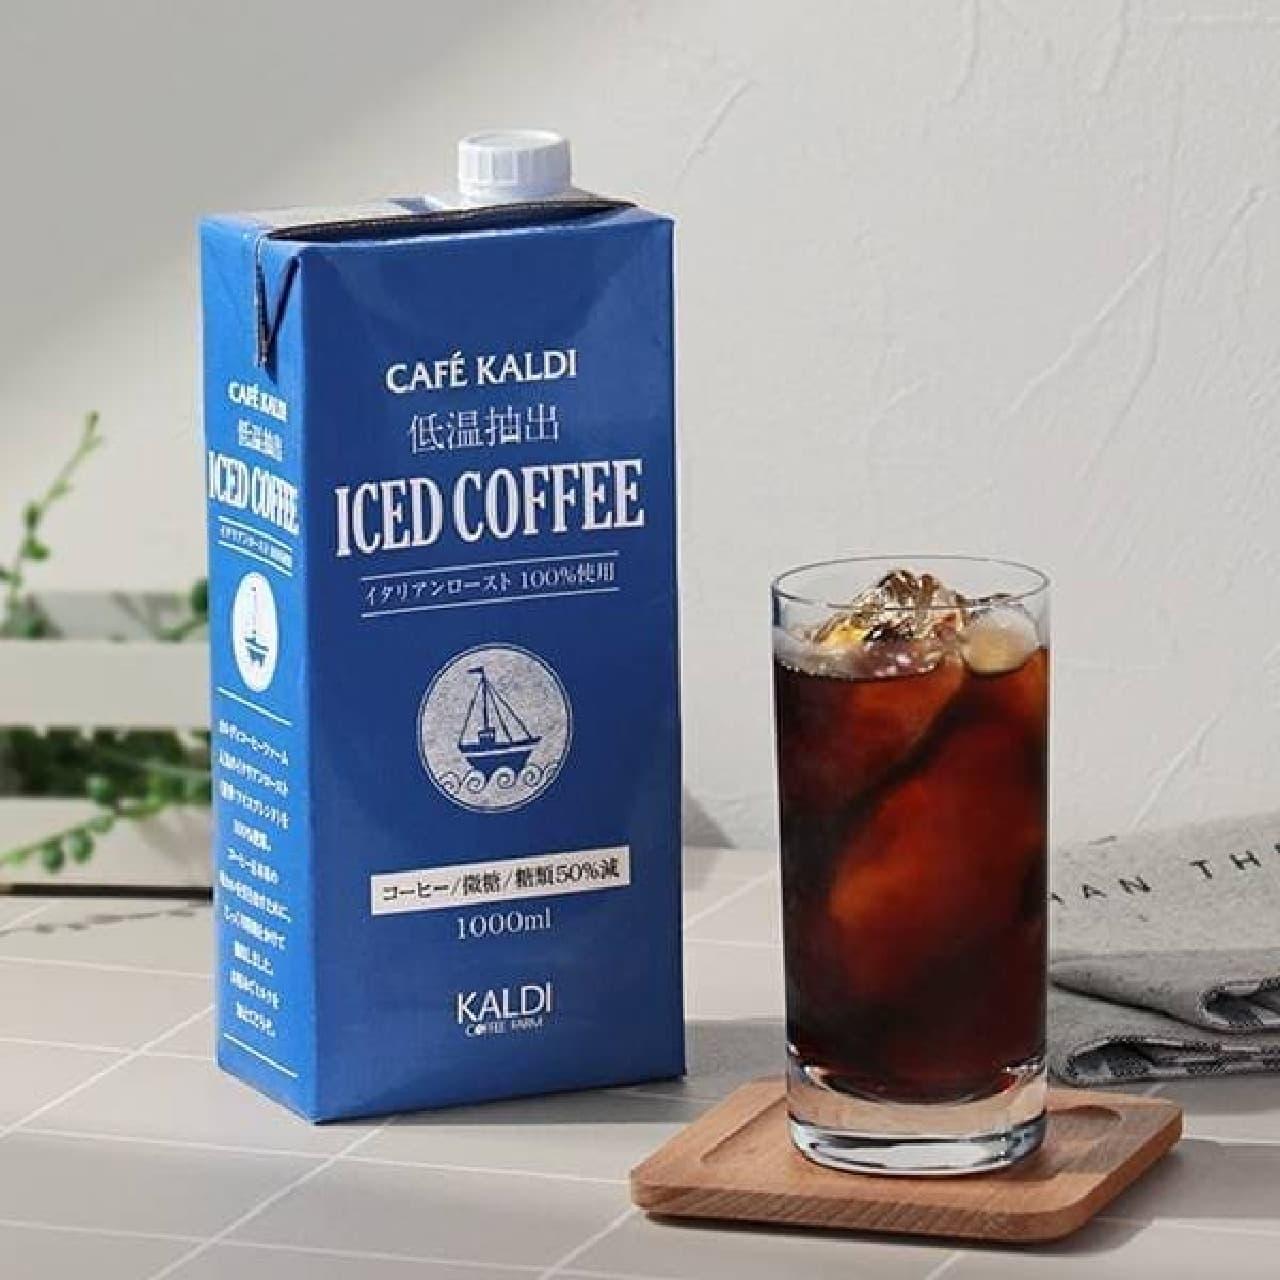 カルディ「カフェカルディ 低温抽出アイスコーヒー 微糖 1000ml」